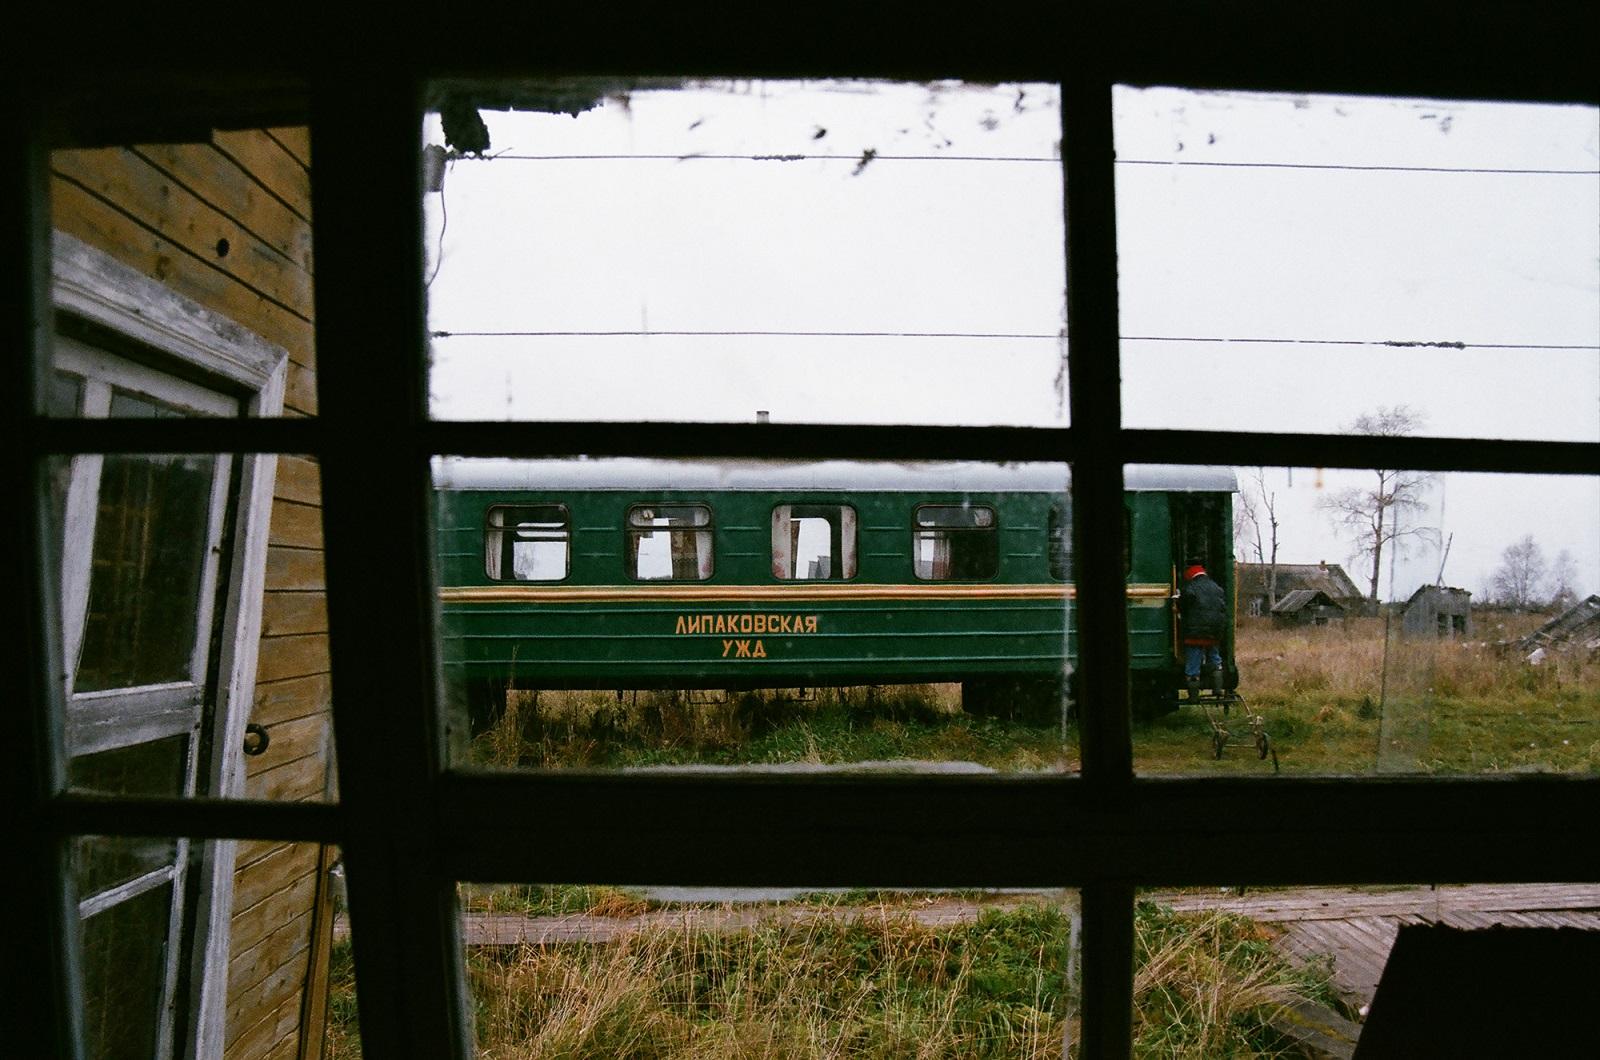 Der Zug erreicht seine letzte Station – Sesa. Das Dorf wird lebendig, wie auch das vorherige. Alle kommen zu den Gleisen, gehen einkaufen, dann verläuft sich die Menschenansammlung, der Zugführer und seine Mannschaft gehen nach Hause Mittagessen